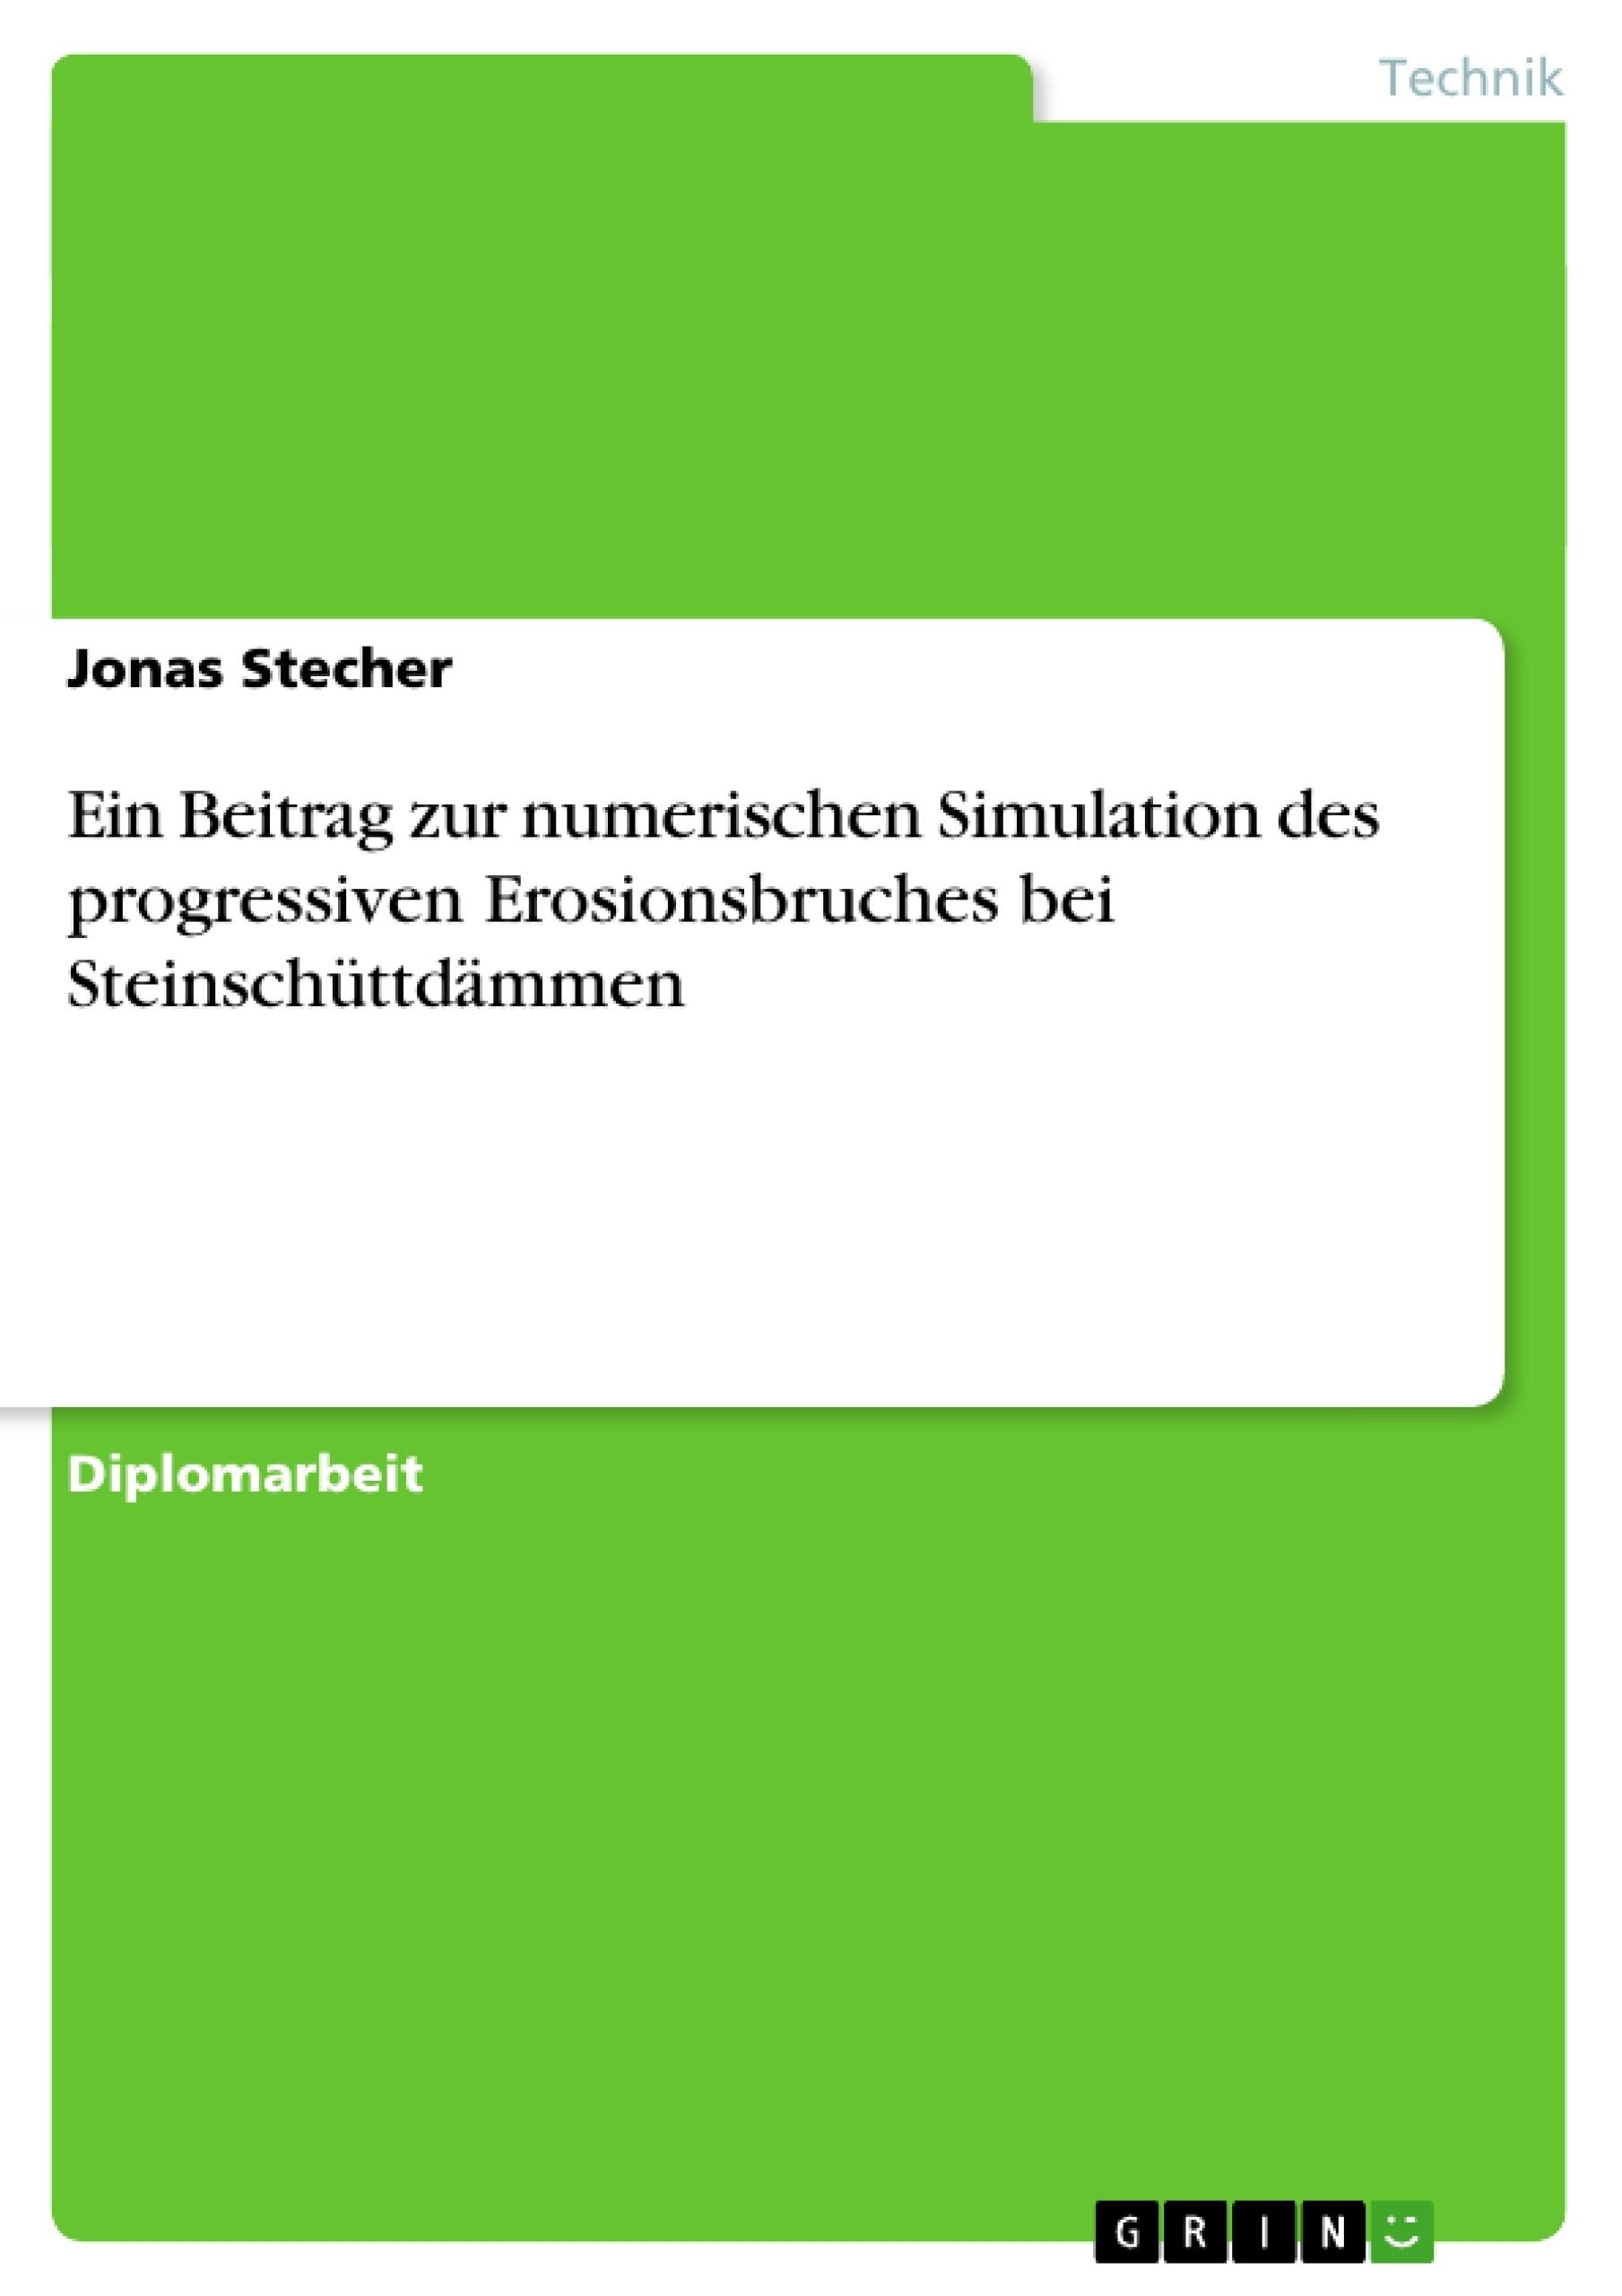 Titel: Ein Beitrag zur numerischen Simulation des progressiven Erosionsbruches bei Steinschüttdämmen